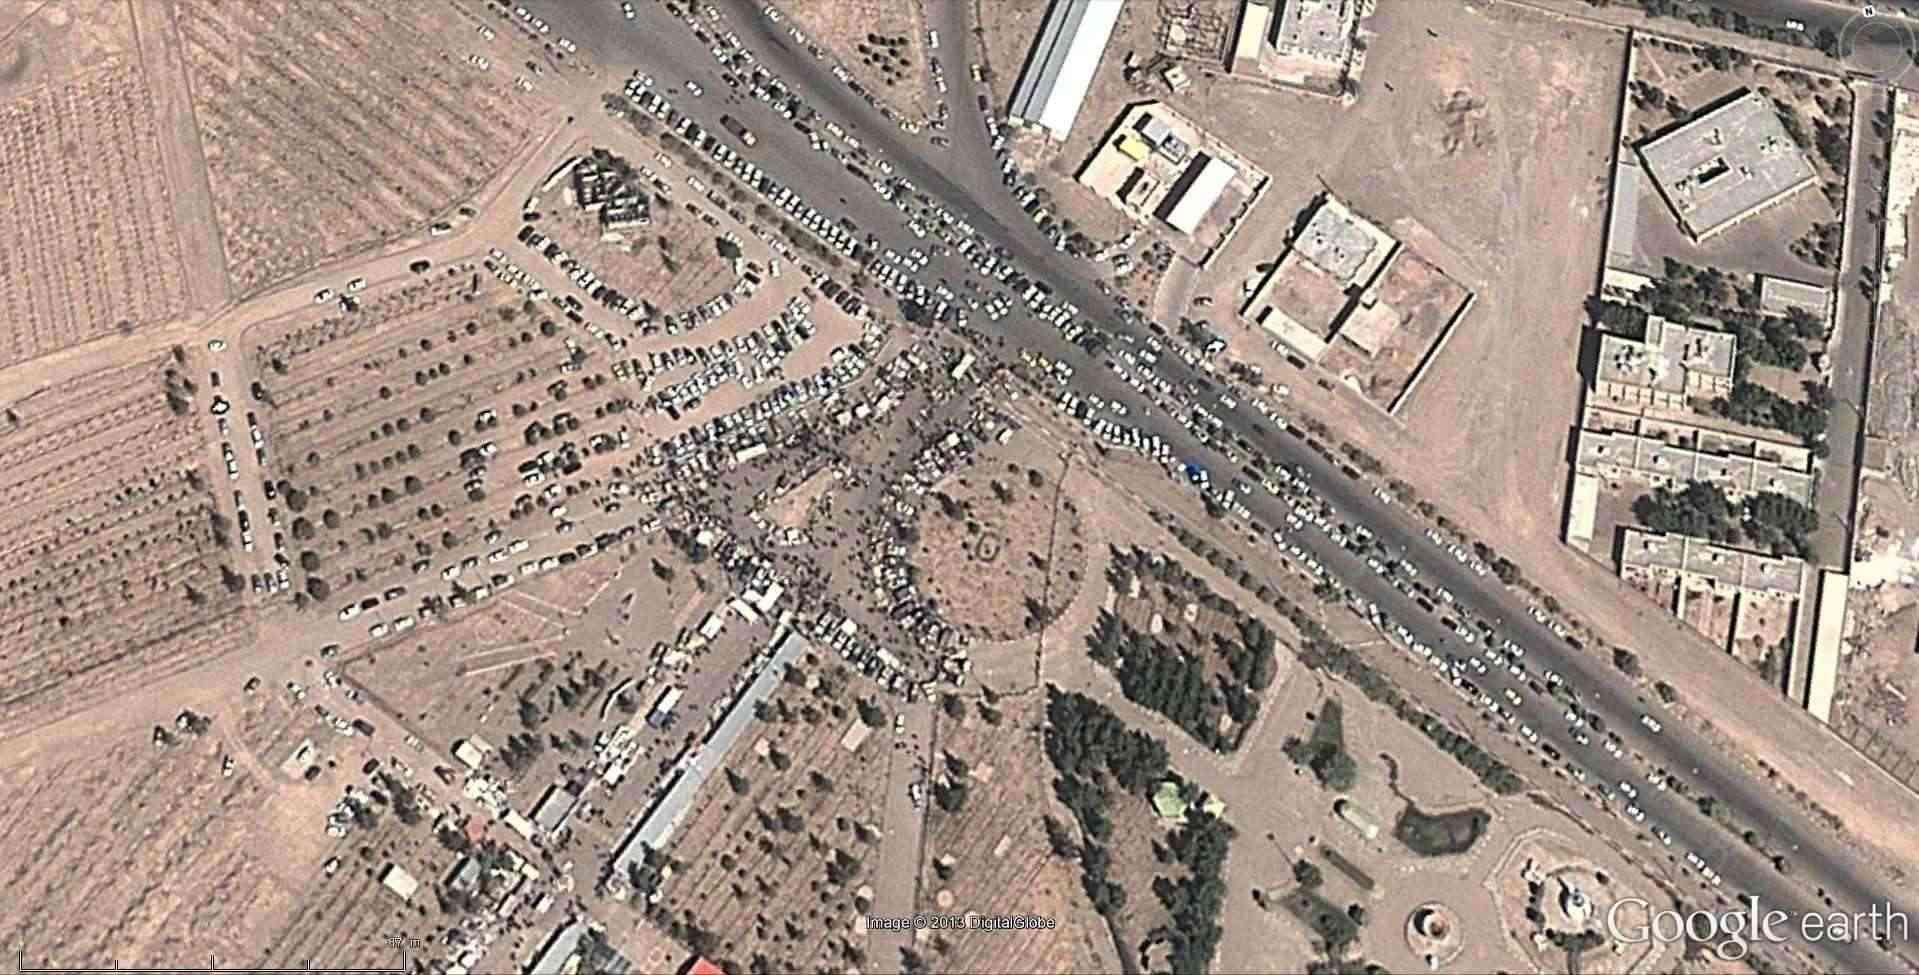 Fêtes, concerts et autres attroupements sur Google Earth  - Page 2 2013-128